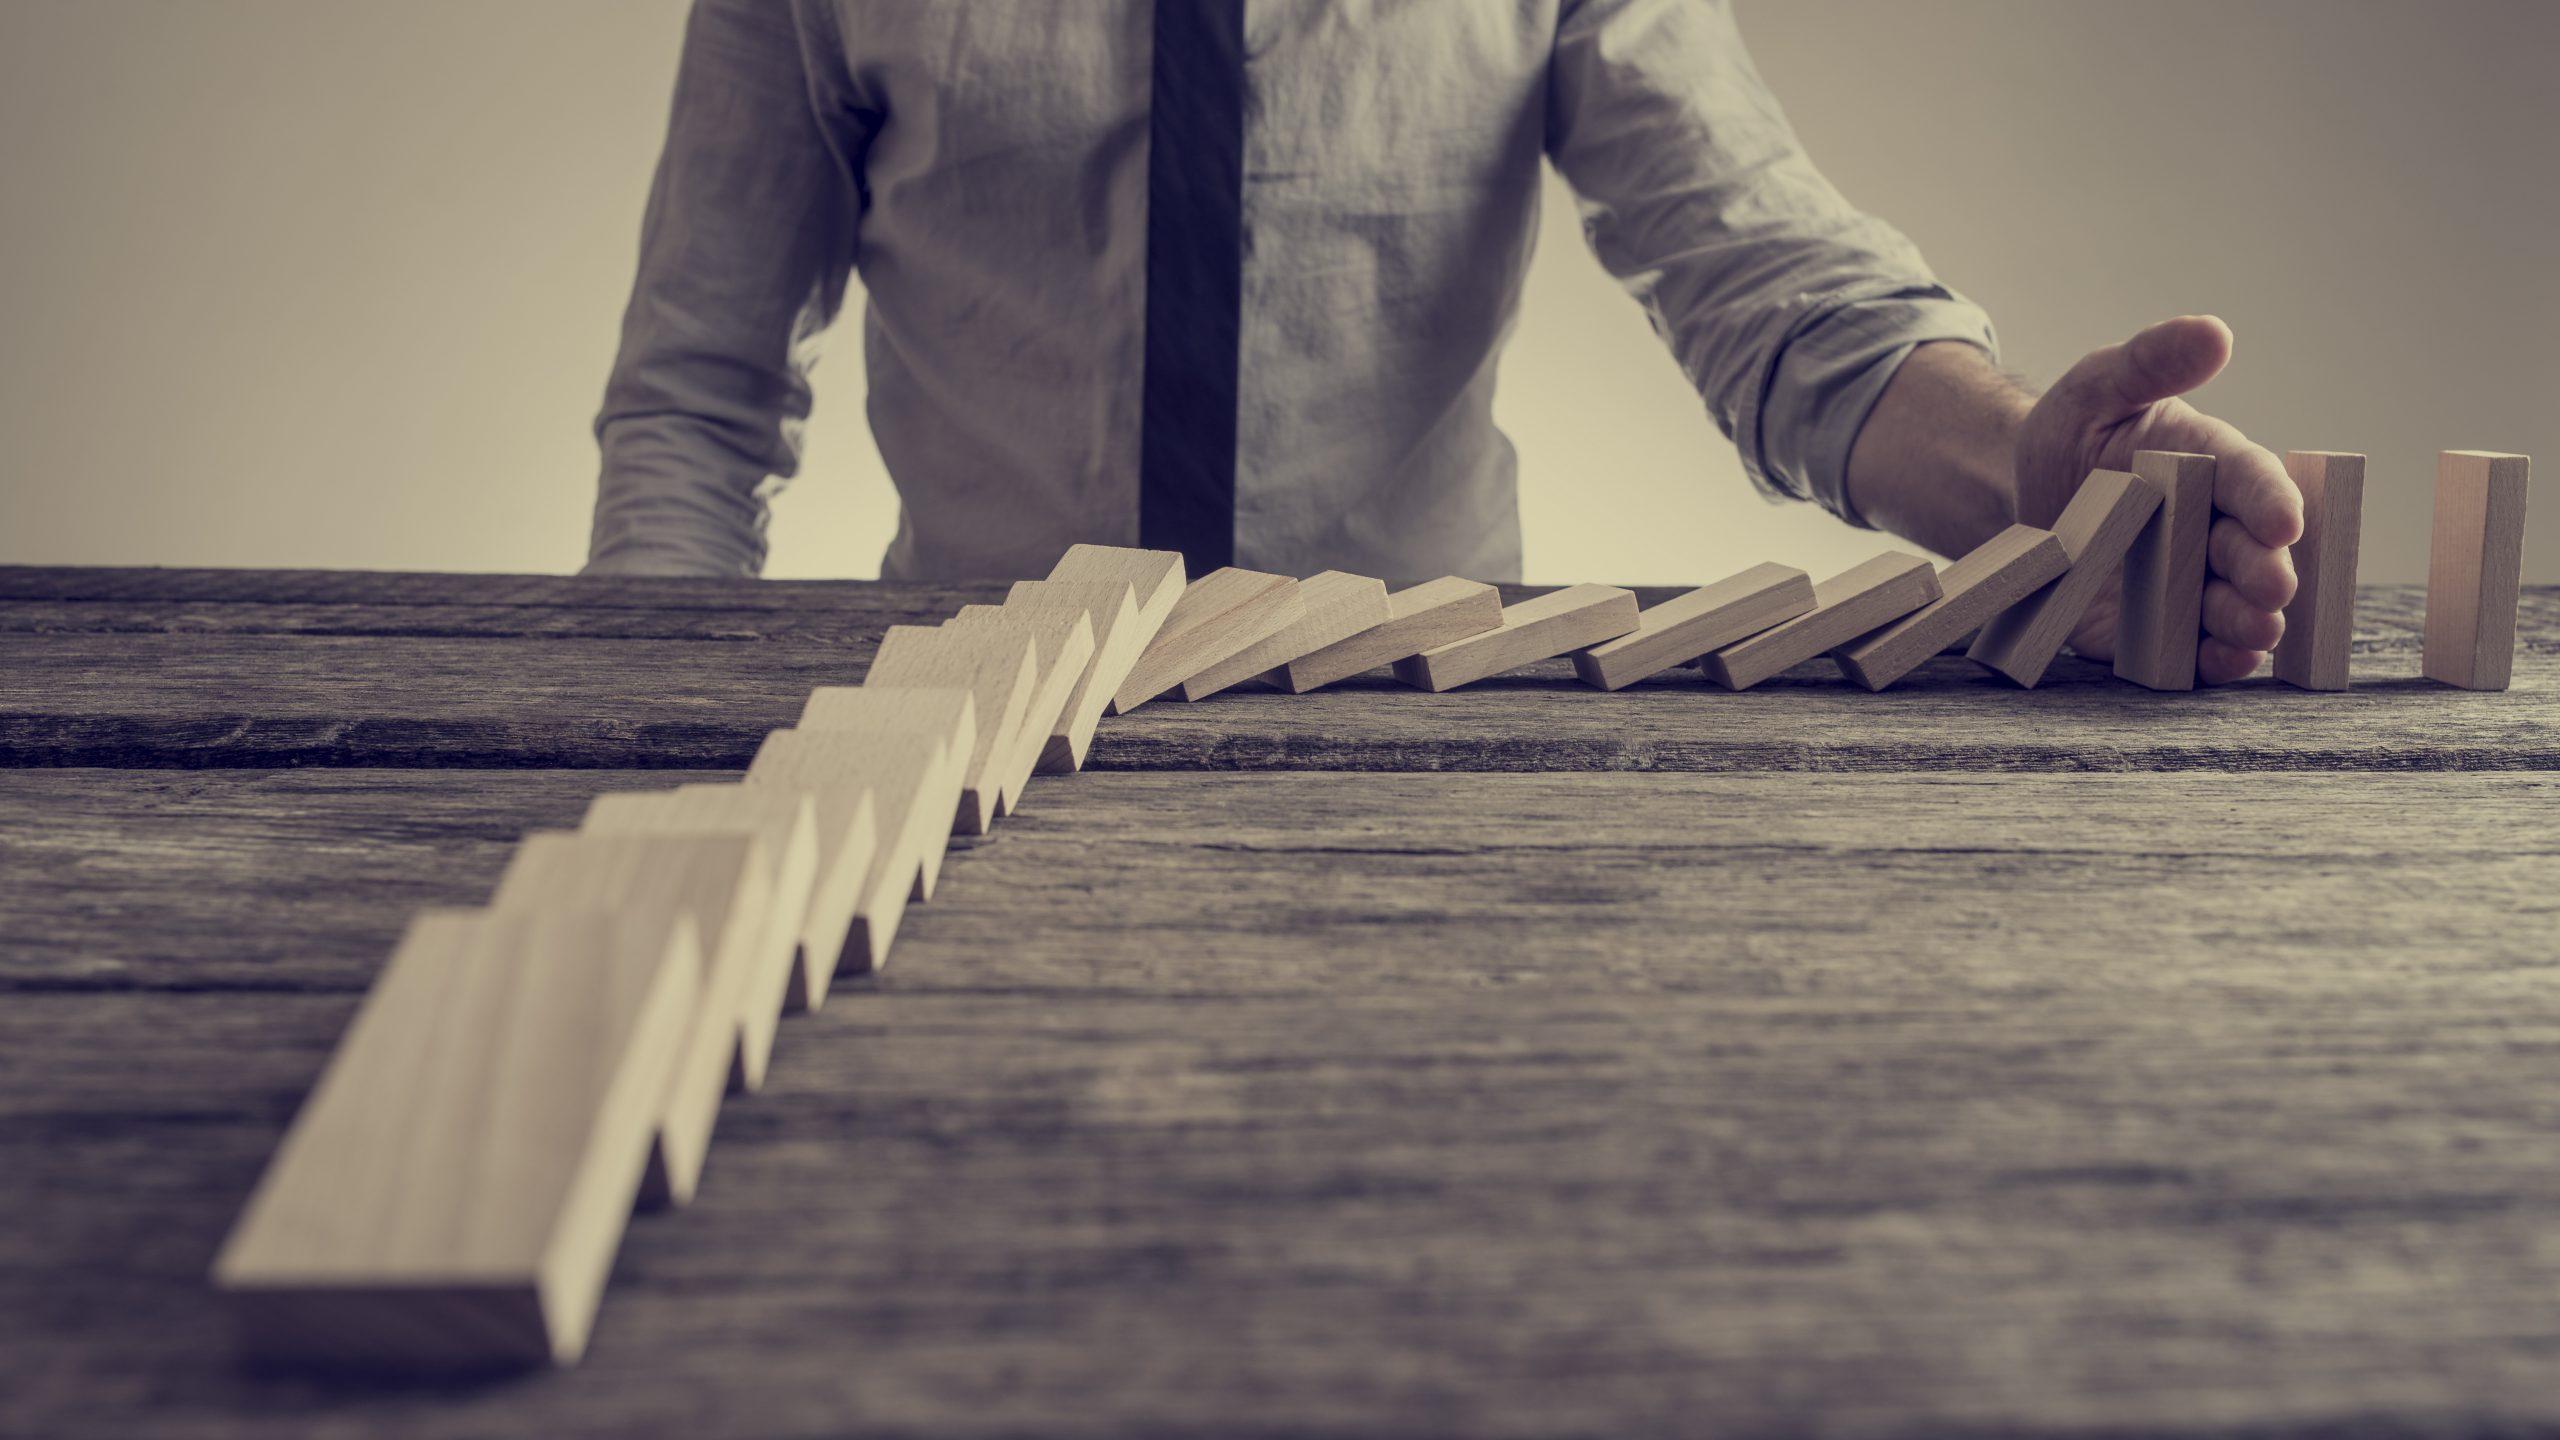 Estratégia e assertividade são importantes para o gerenciamento de crise